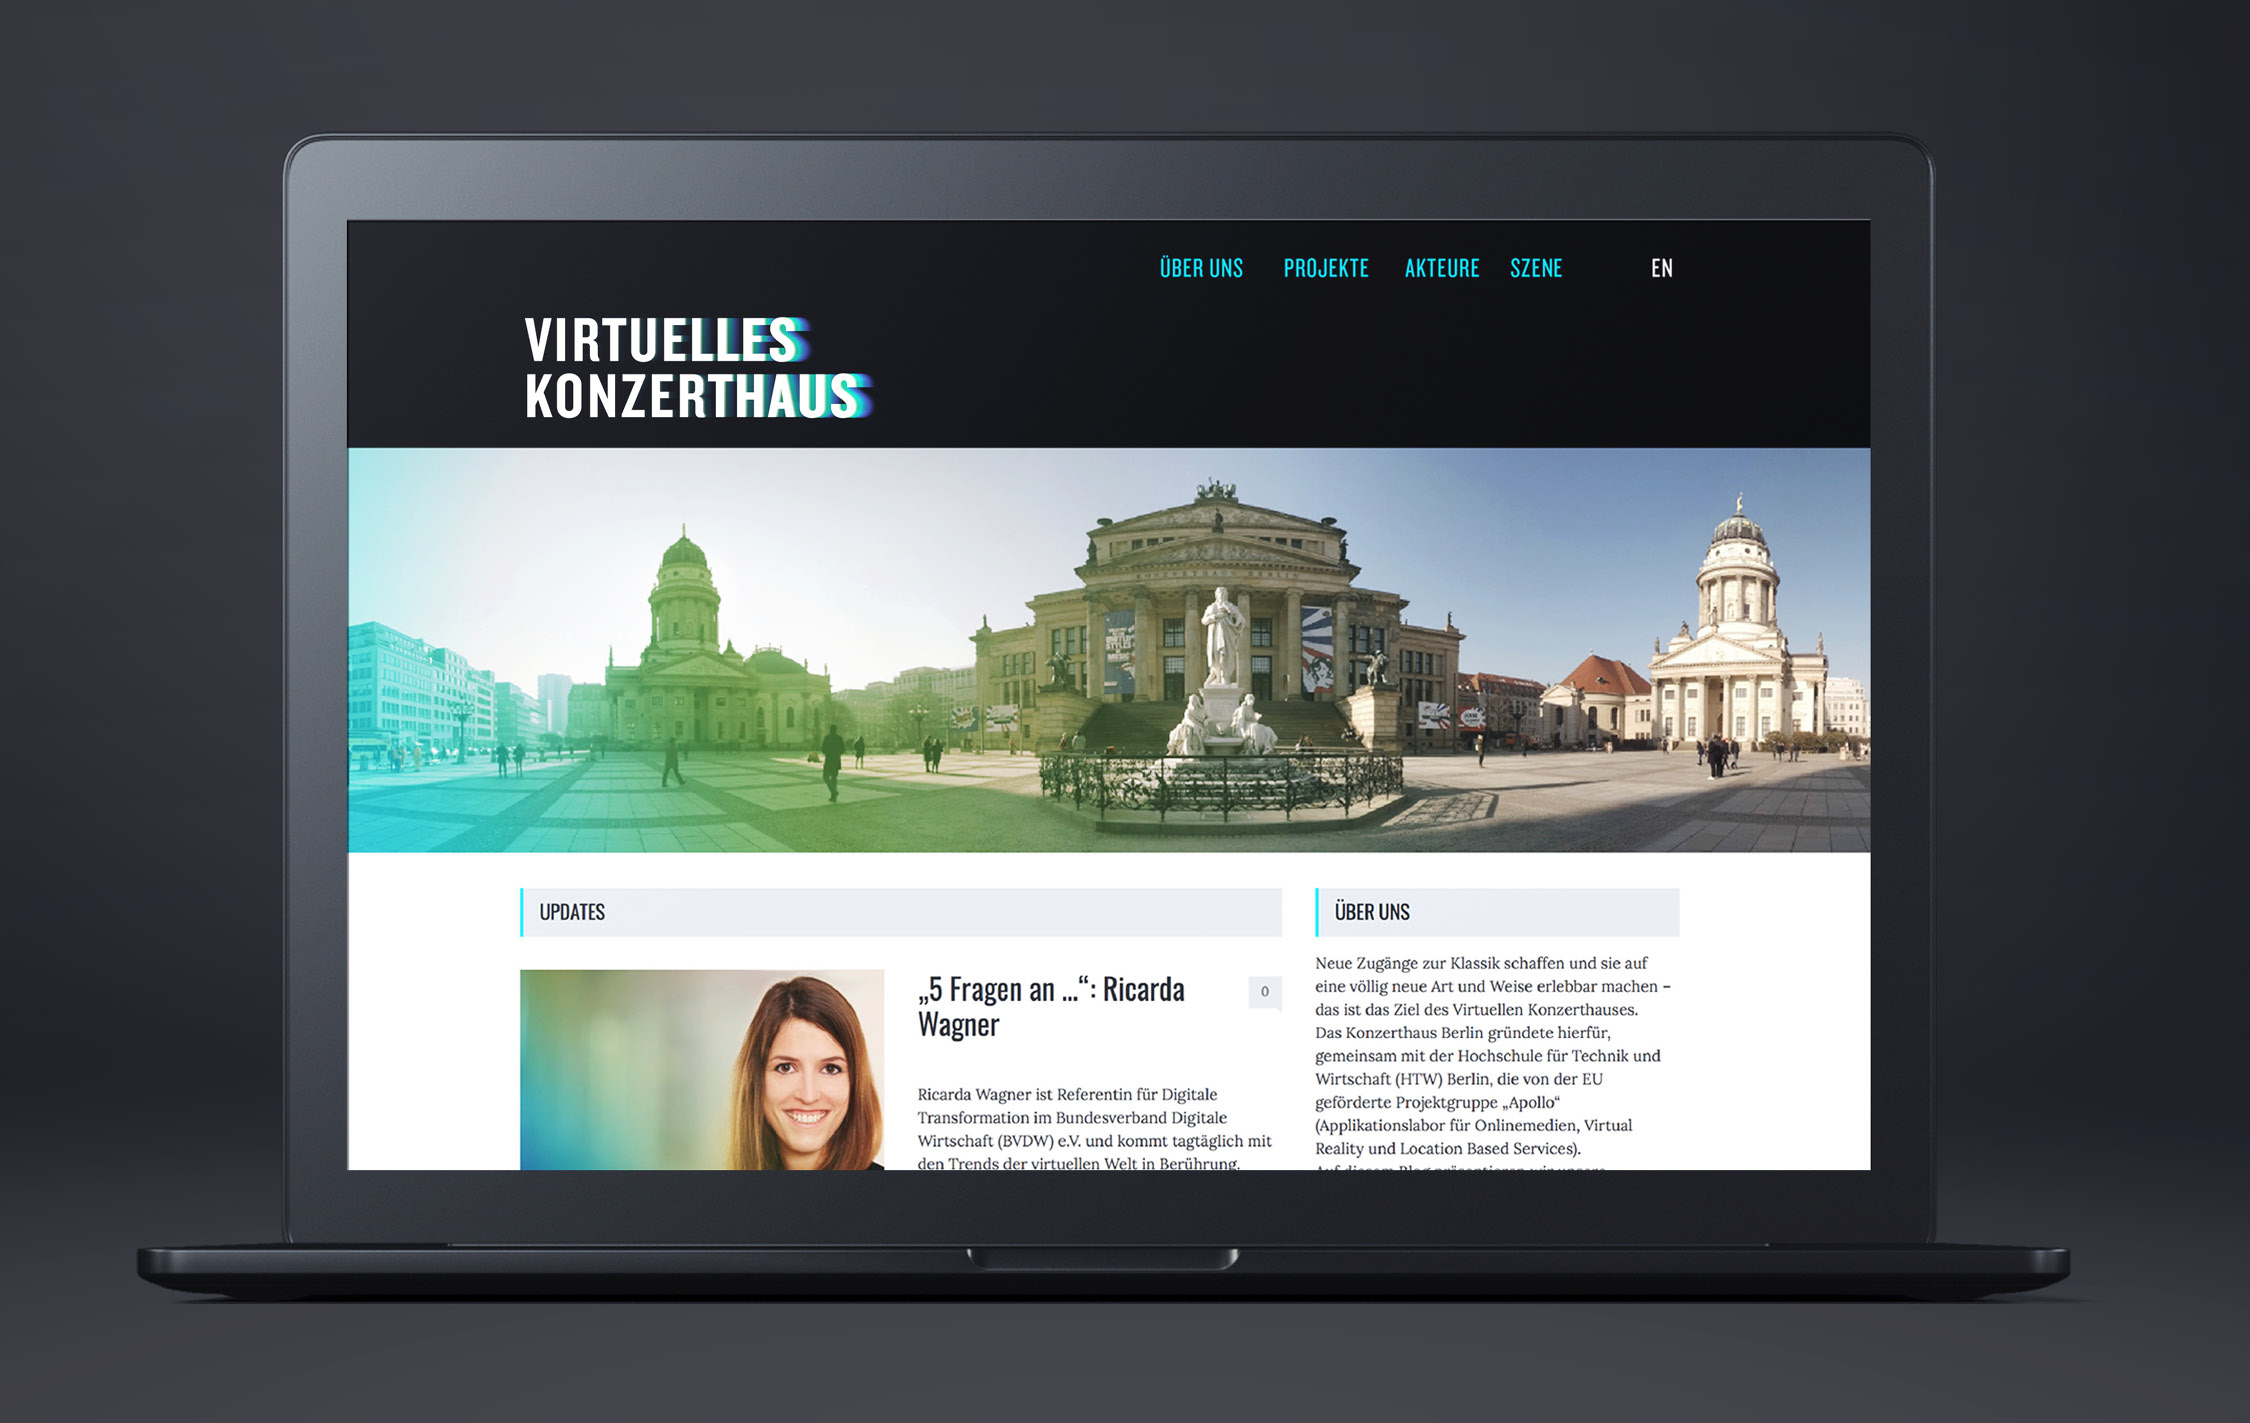 Virtuelles Konzerthaus Auf Desktop